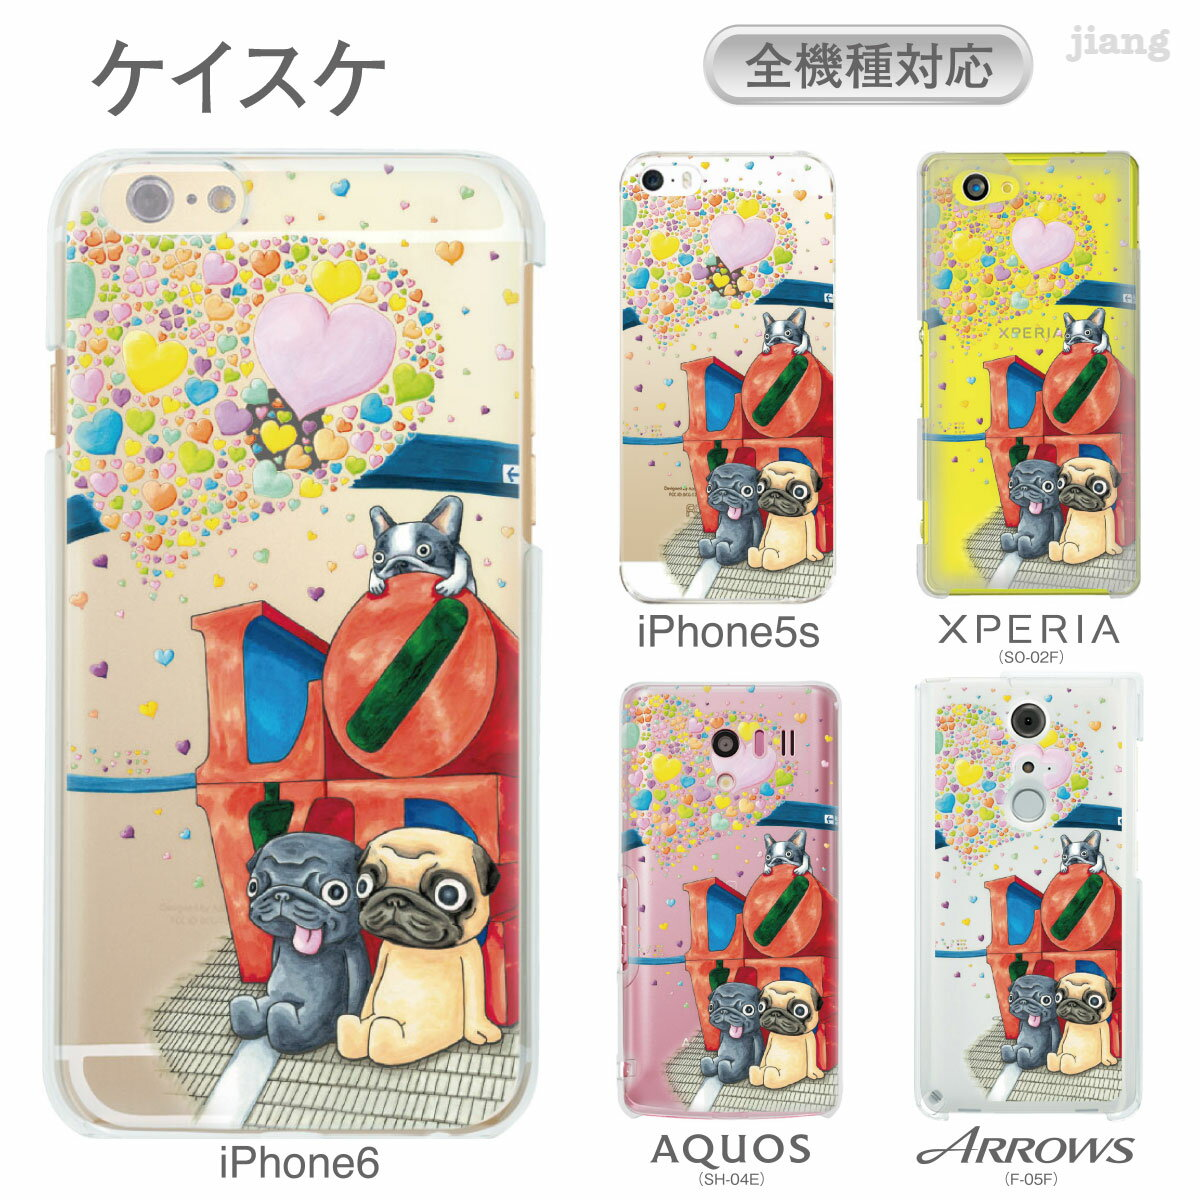 スマホケース 全機種対応 ケース カバー ハードケース クリアケースiPhoneX iPhone8 iPhone7s Plus iPhone7 iPhone6s iPhone6 Plus iPhone SE 5s Xperia XZ1 SO-01K SO-02K XZ so-04j XZs so-03j aquos R SH-01K SHV41 けいすけ パグ iphone 86-zen-ca0003